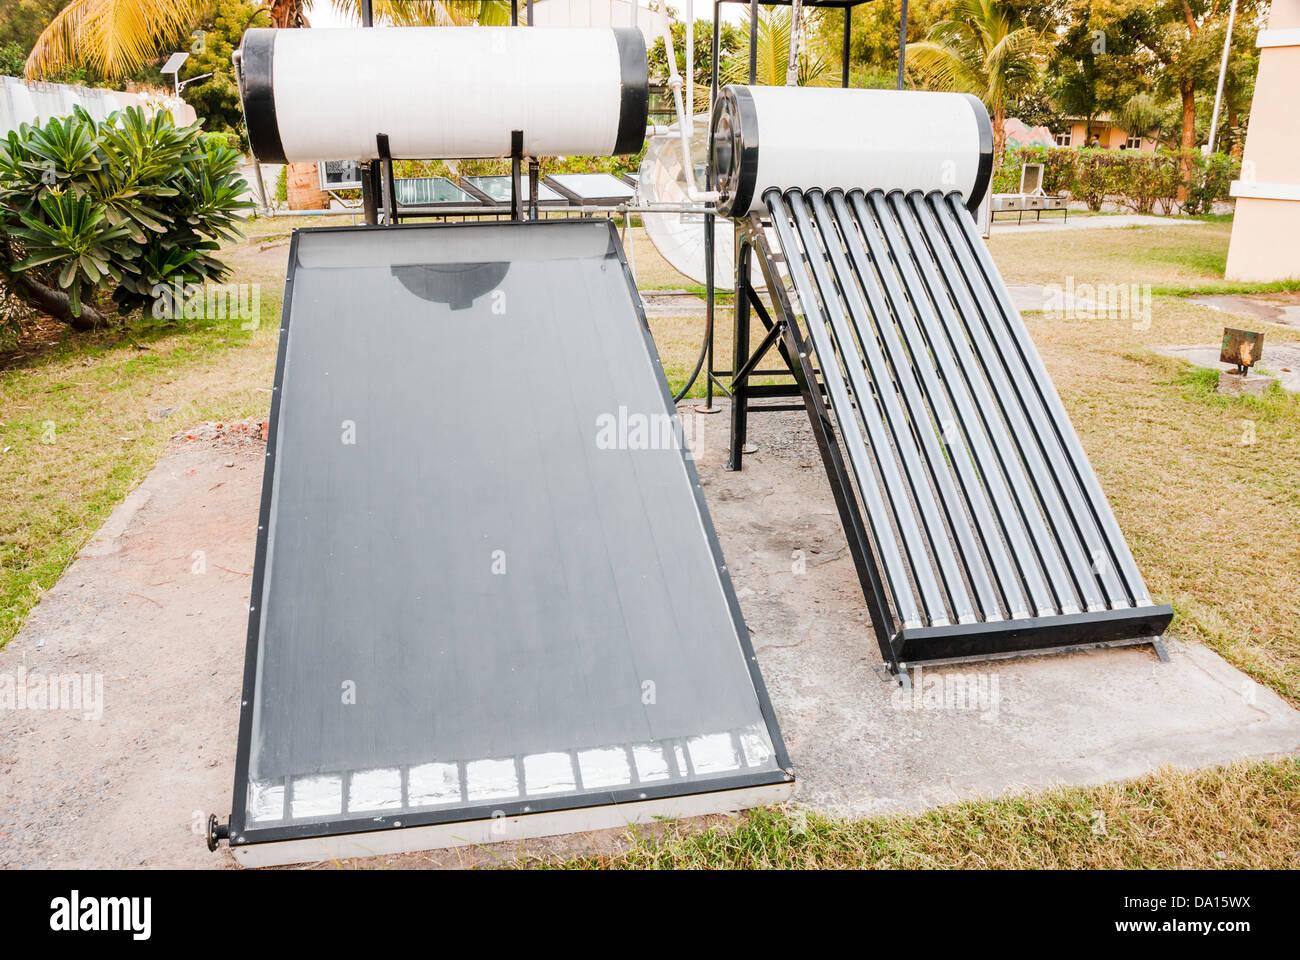 Calentadores solares de agua que utilizan energía solar. Símbolo de energía verde Imagen De Stock